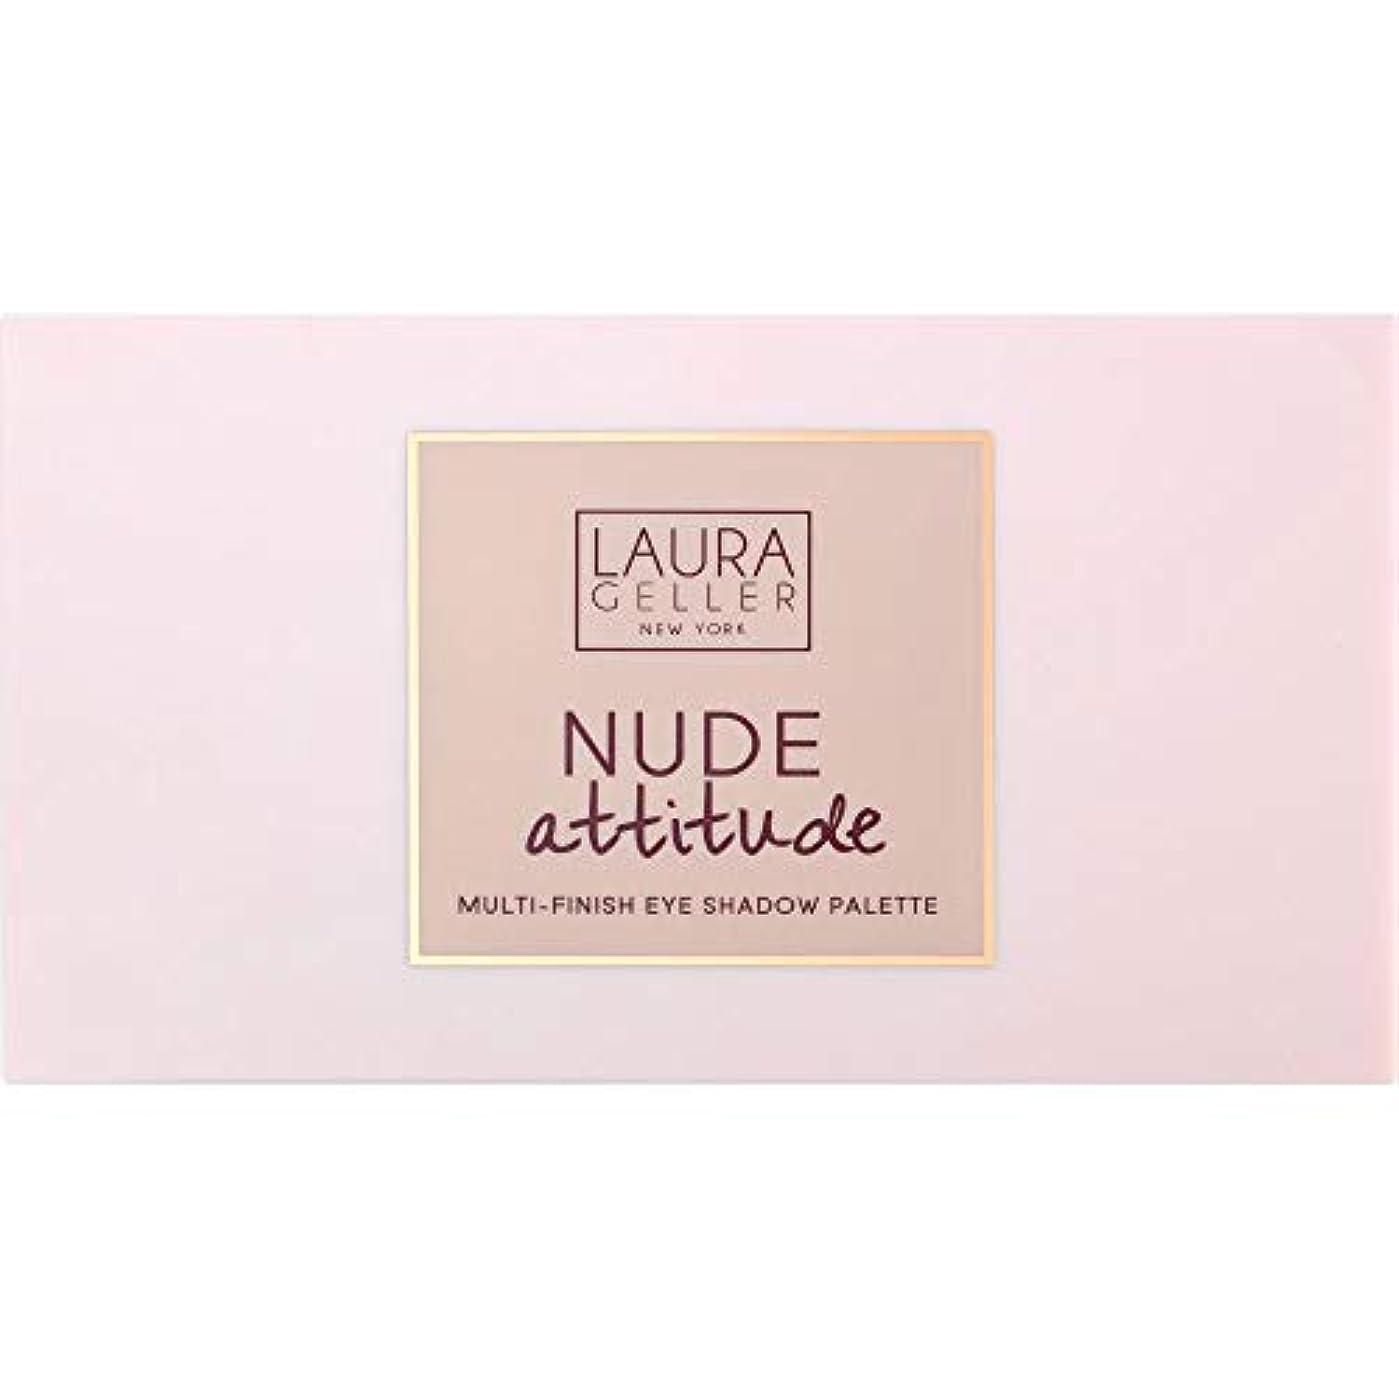 盗賊血まみれ[Laura Geller ] ローラ?ゲラーヌード態度マルチフィニッシュアイシャドウパレット12×1.1グラム - Laura Geller Nude Attitude Multi-Finish Eye Shadow...